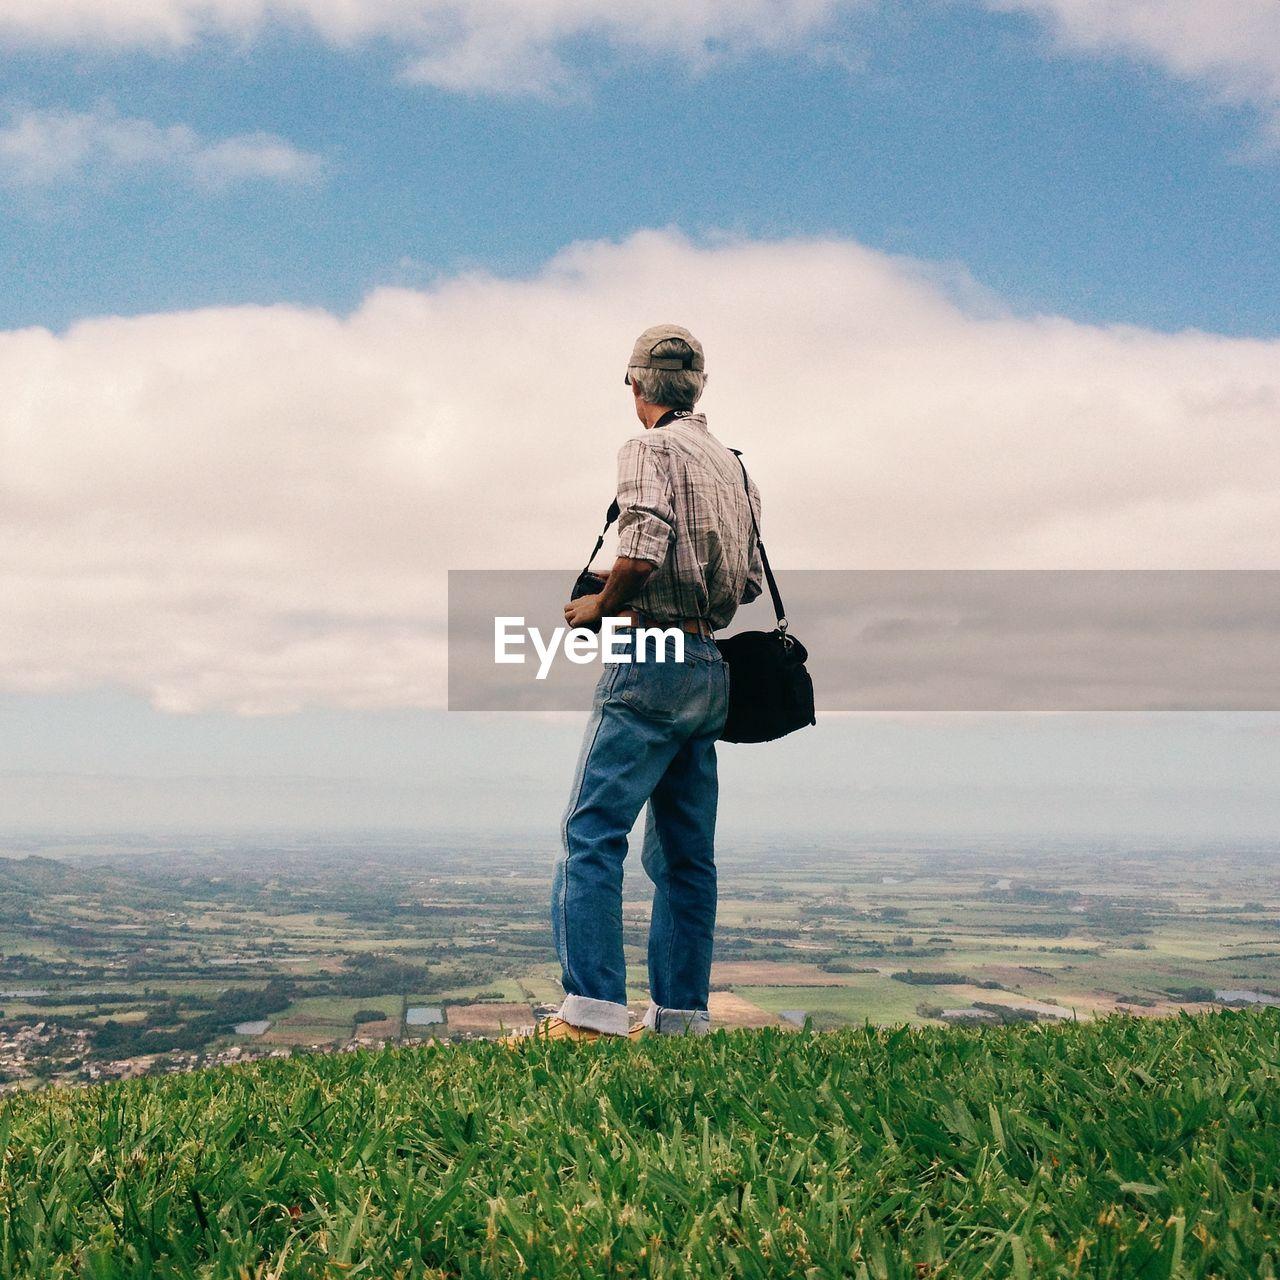 Full Length Of Man Standing On Grass Against Sky